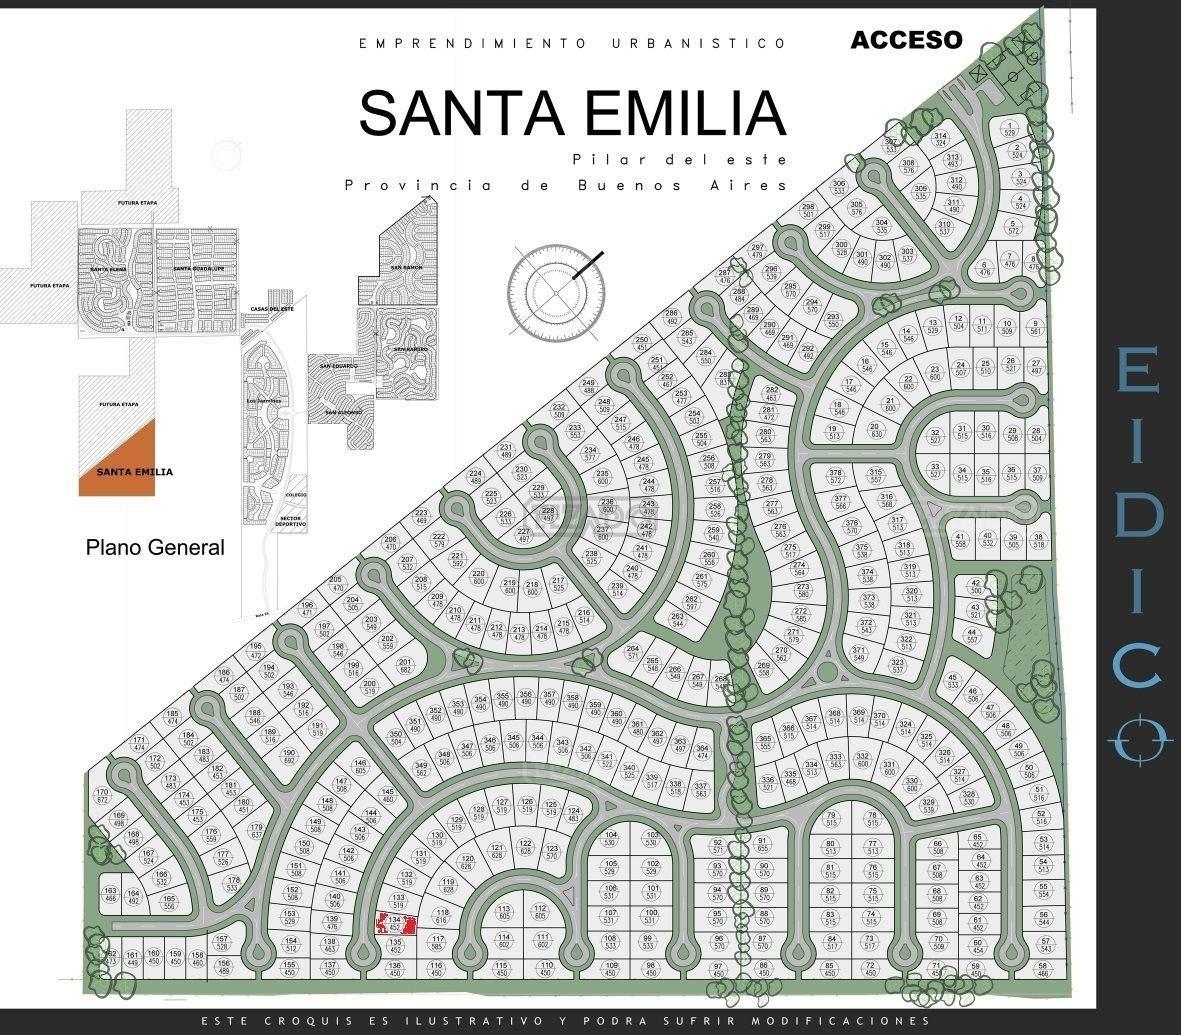 terreno lote  en venta 134  ubicado en santa emilia, pilar del este